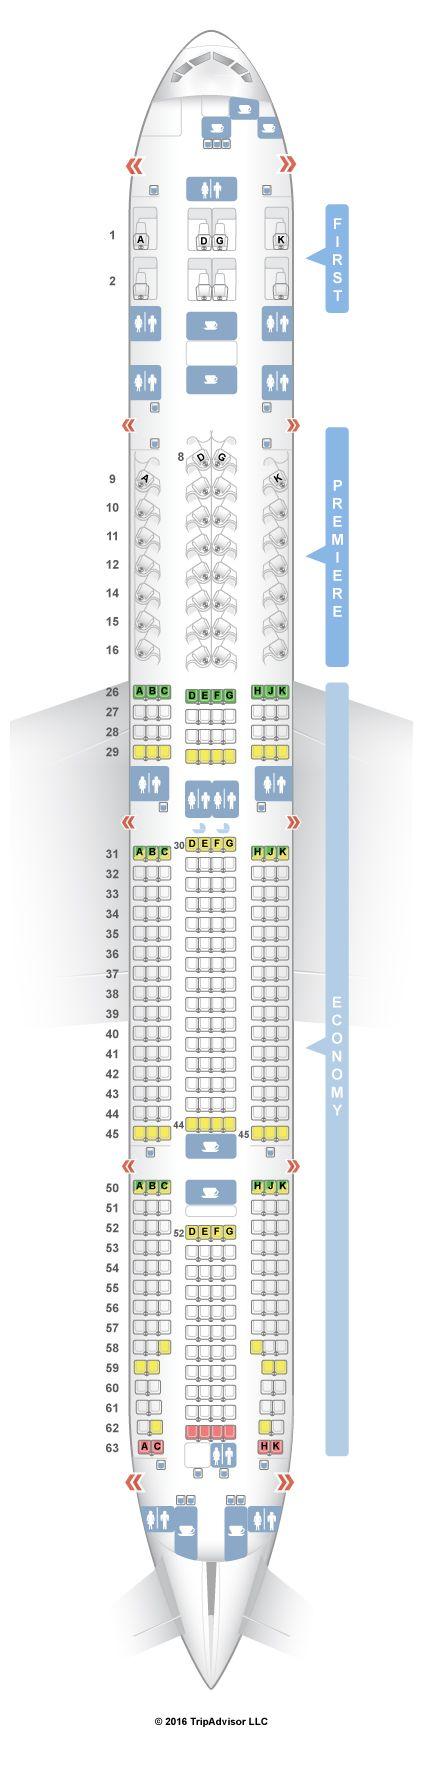 SeatGuru Seat Map Jet Airways Boeing 777-300ER (77W)